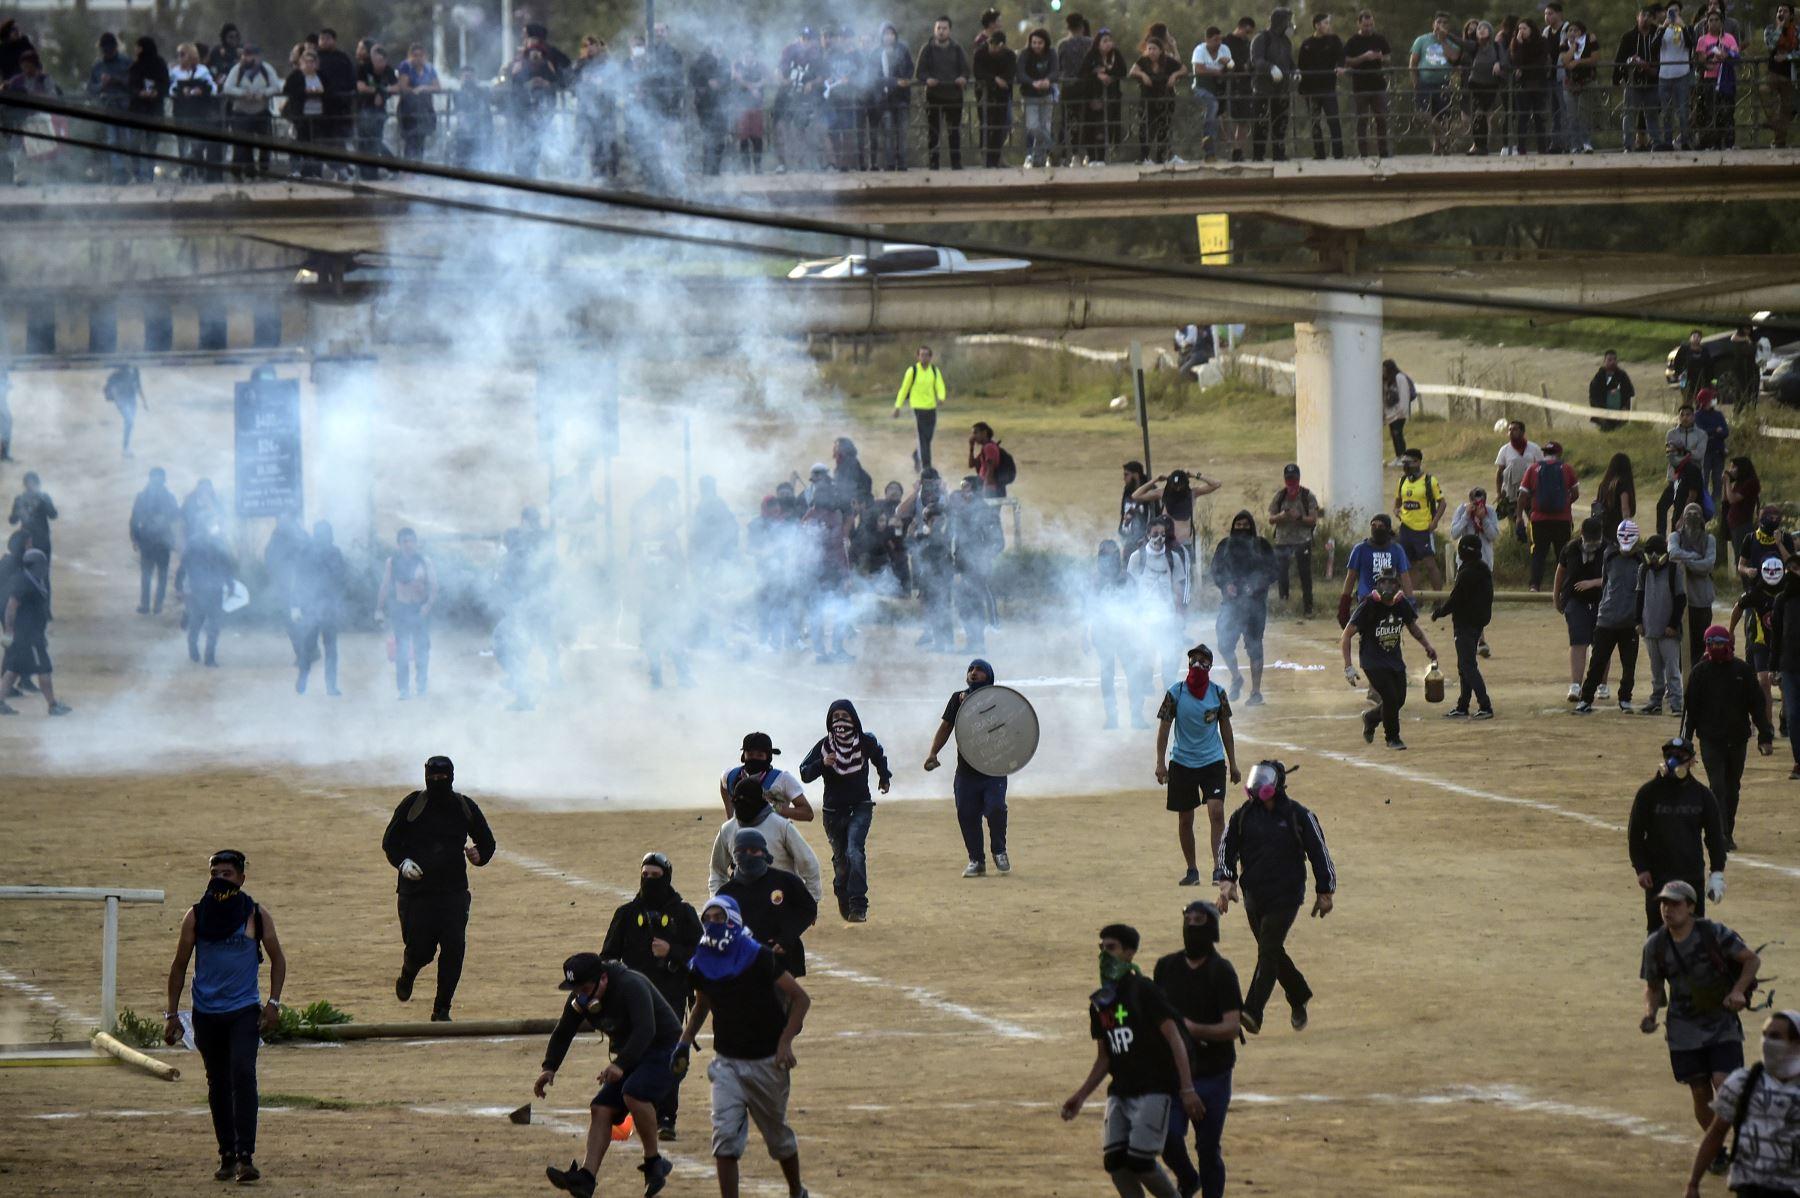 Los manifestantes se dispersaron con gases lacrimógenos durante una protesta contra el gobierno del presidente chileno Sebastián Piñera en Viña del Mar. AFP